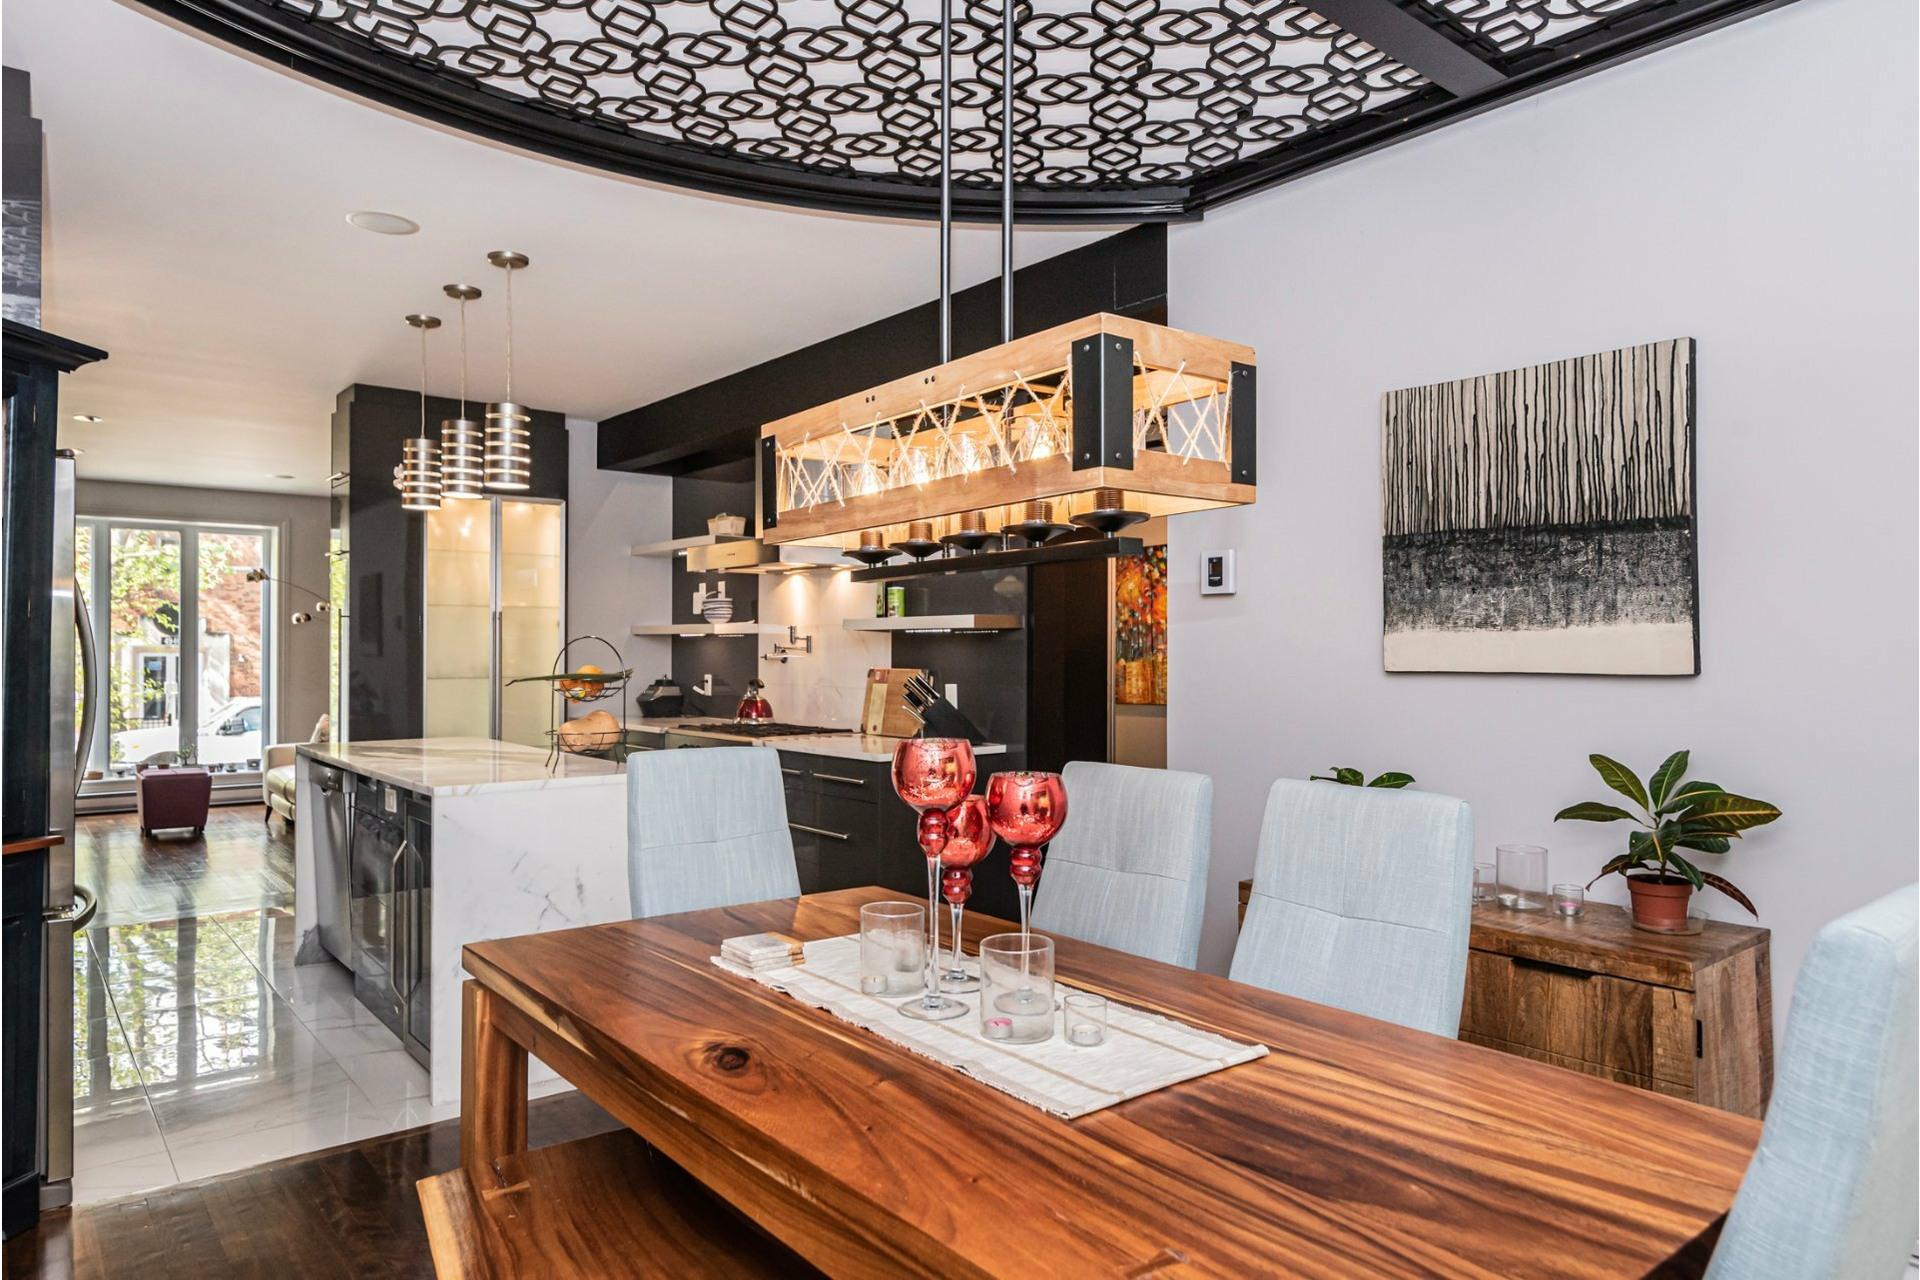 image 12 - Appartement À vendre Côte-des-Neiges/Notre-Dame-de-Grâce Montréal  - 10 pièces